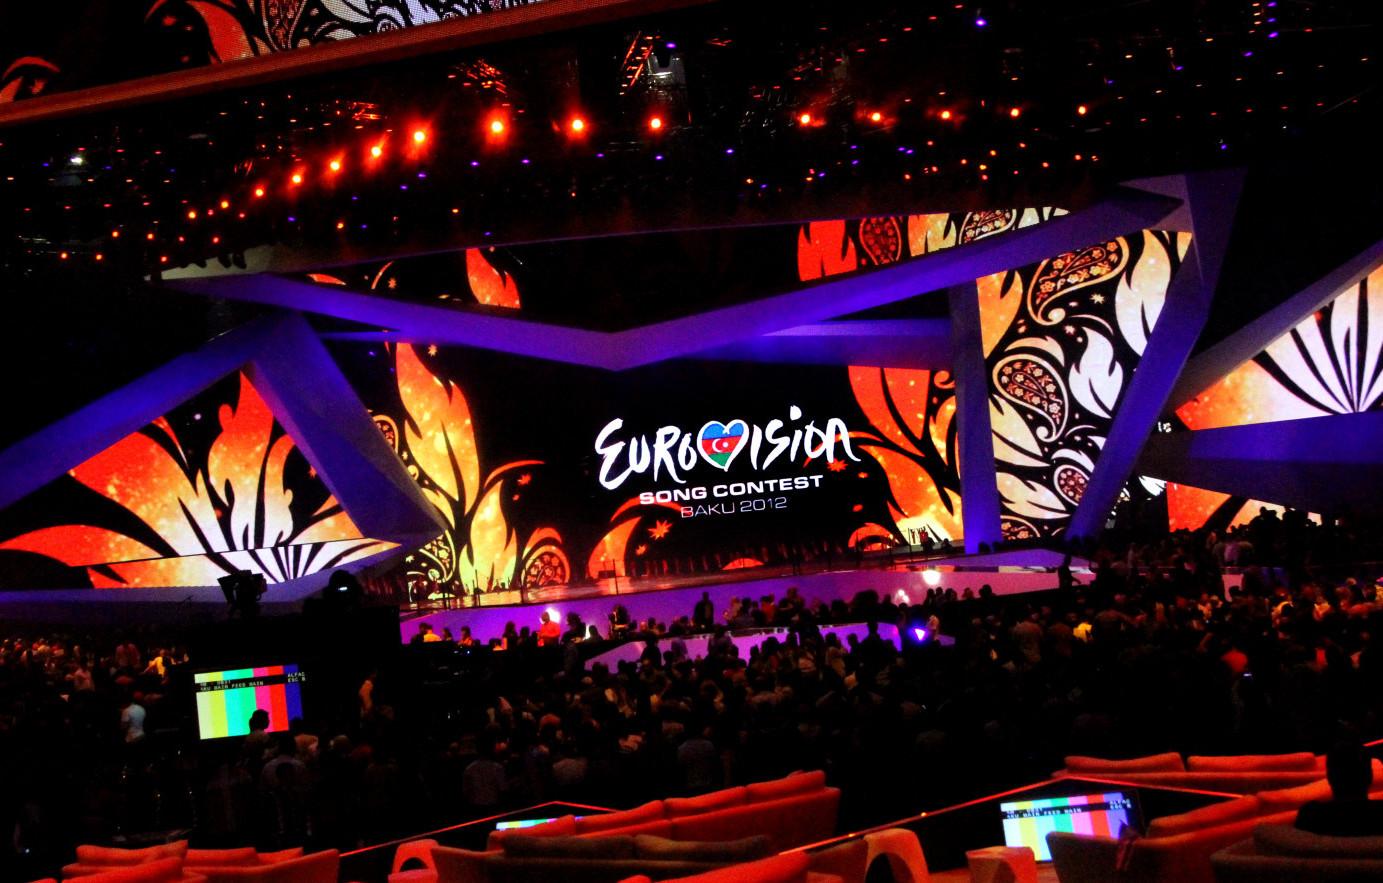 eurovision_baku-2012